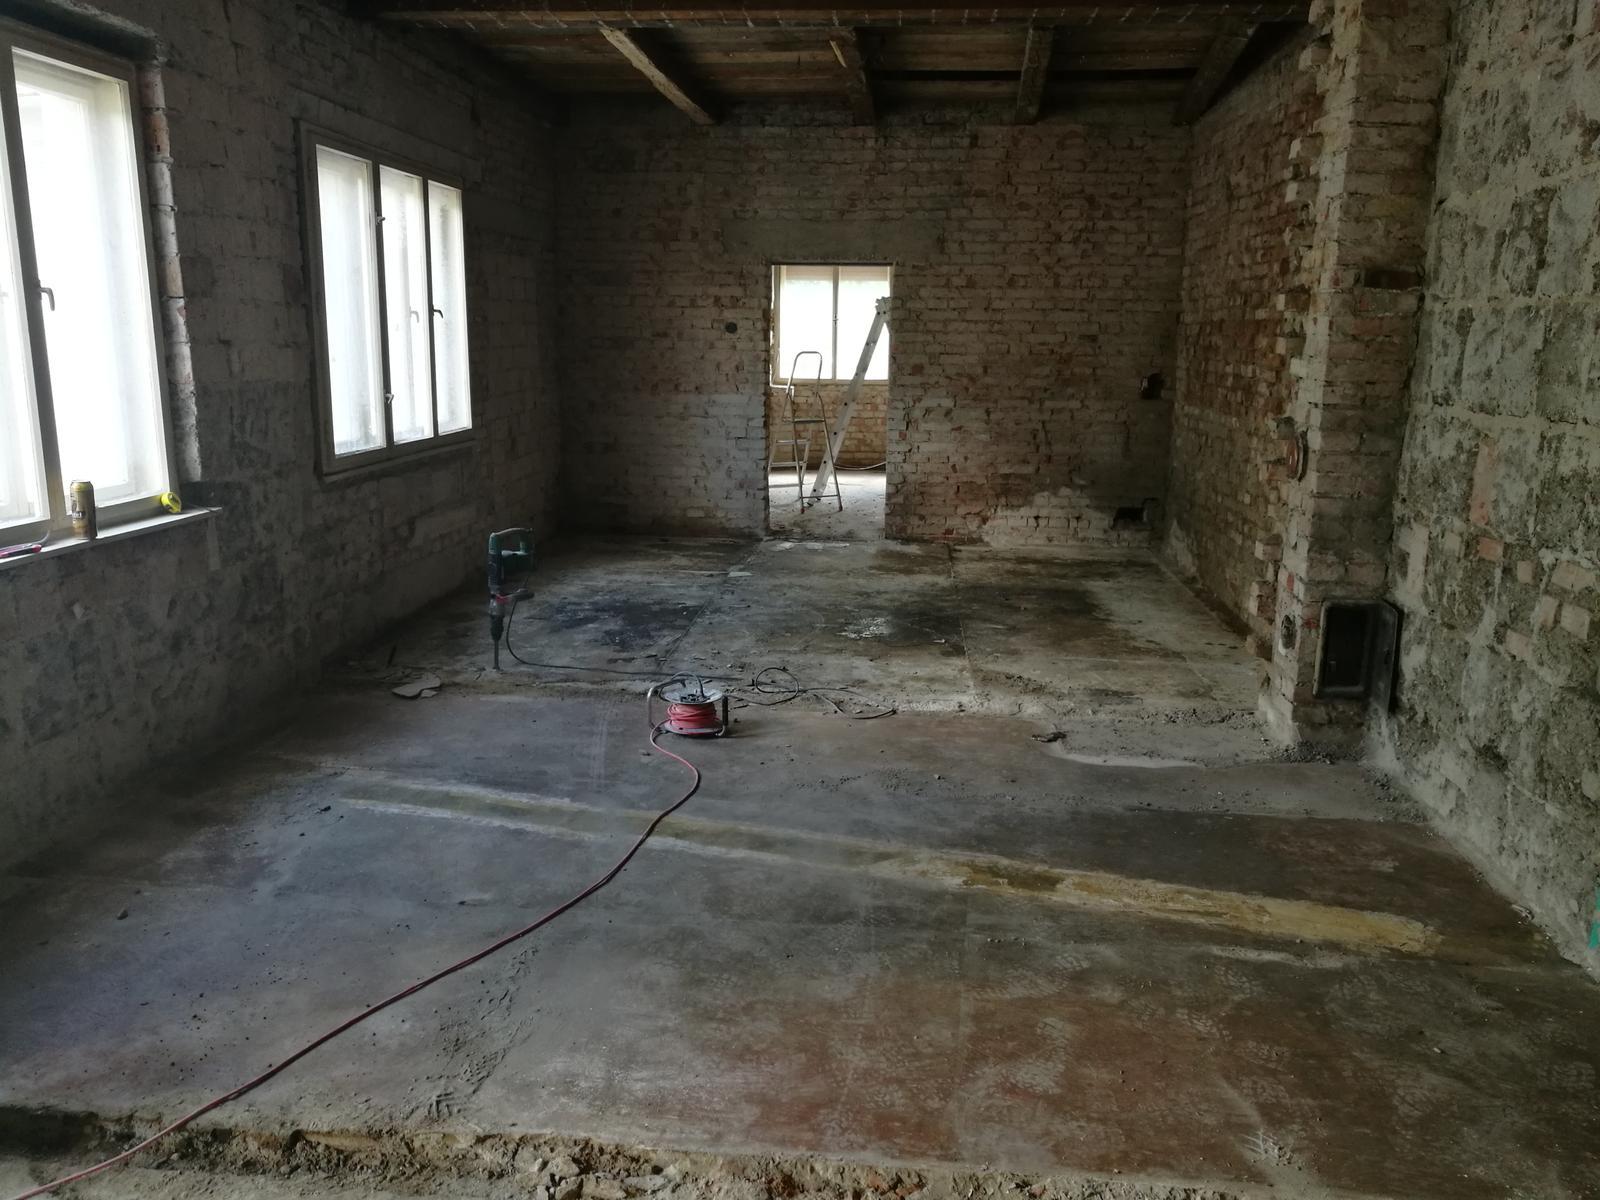 Náš budúci domov - rekonštrukcia rodinného domu - Pohľa na vstup do obývačky